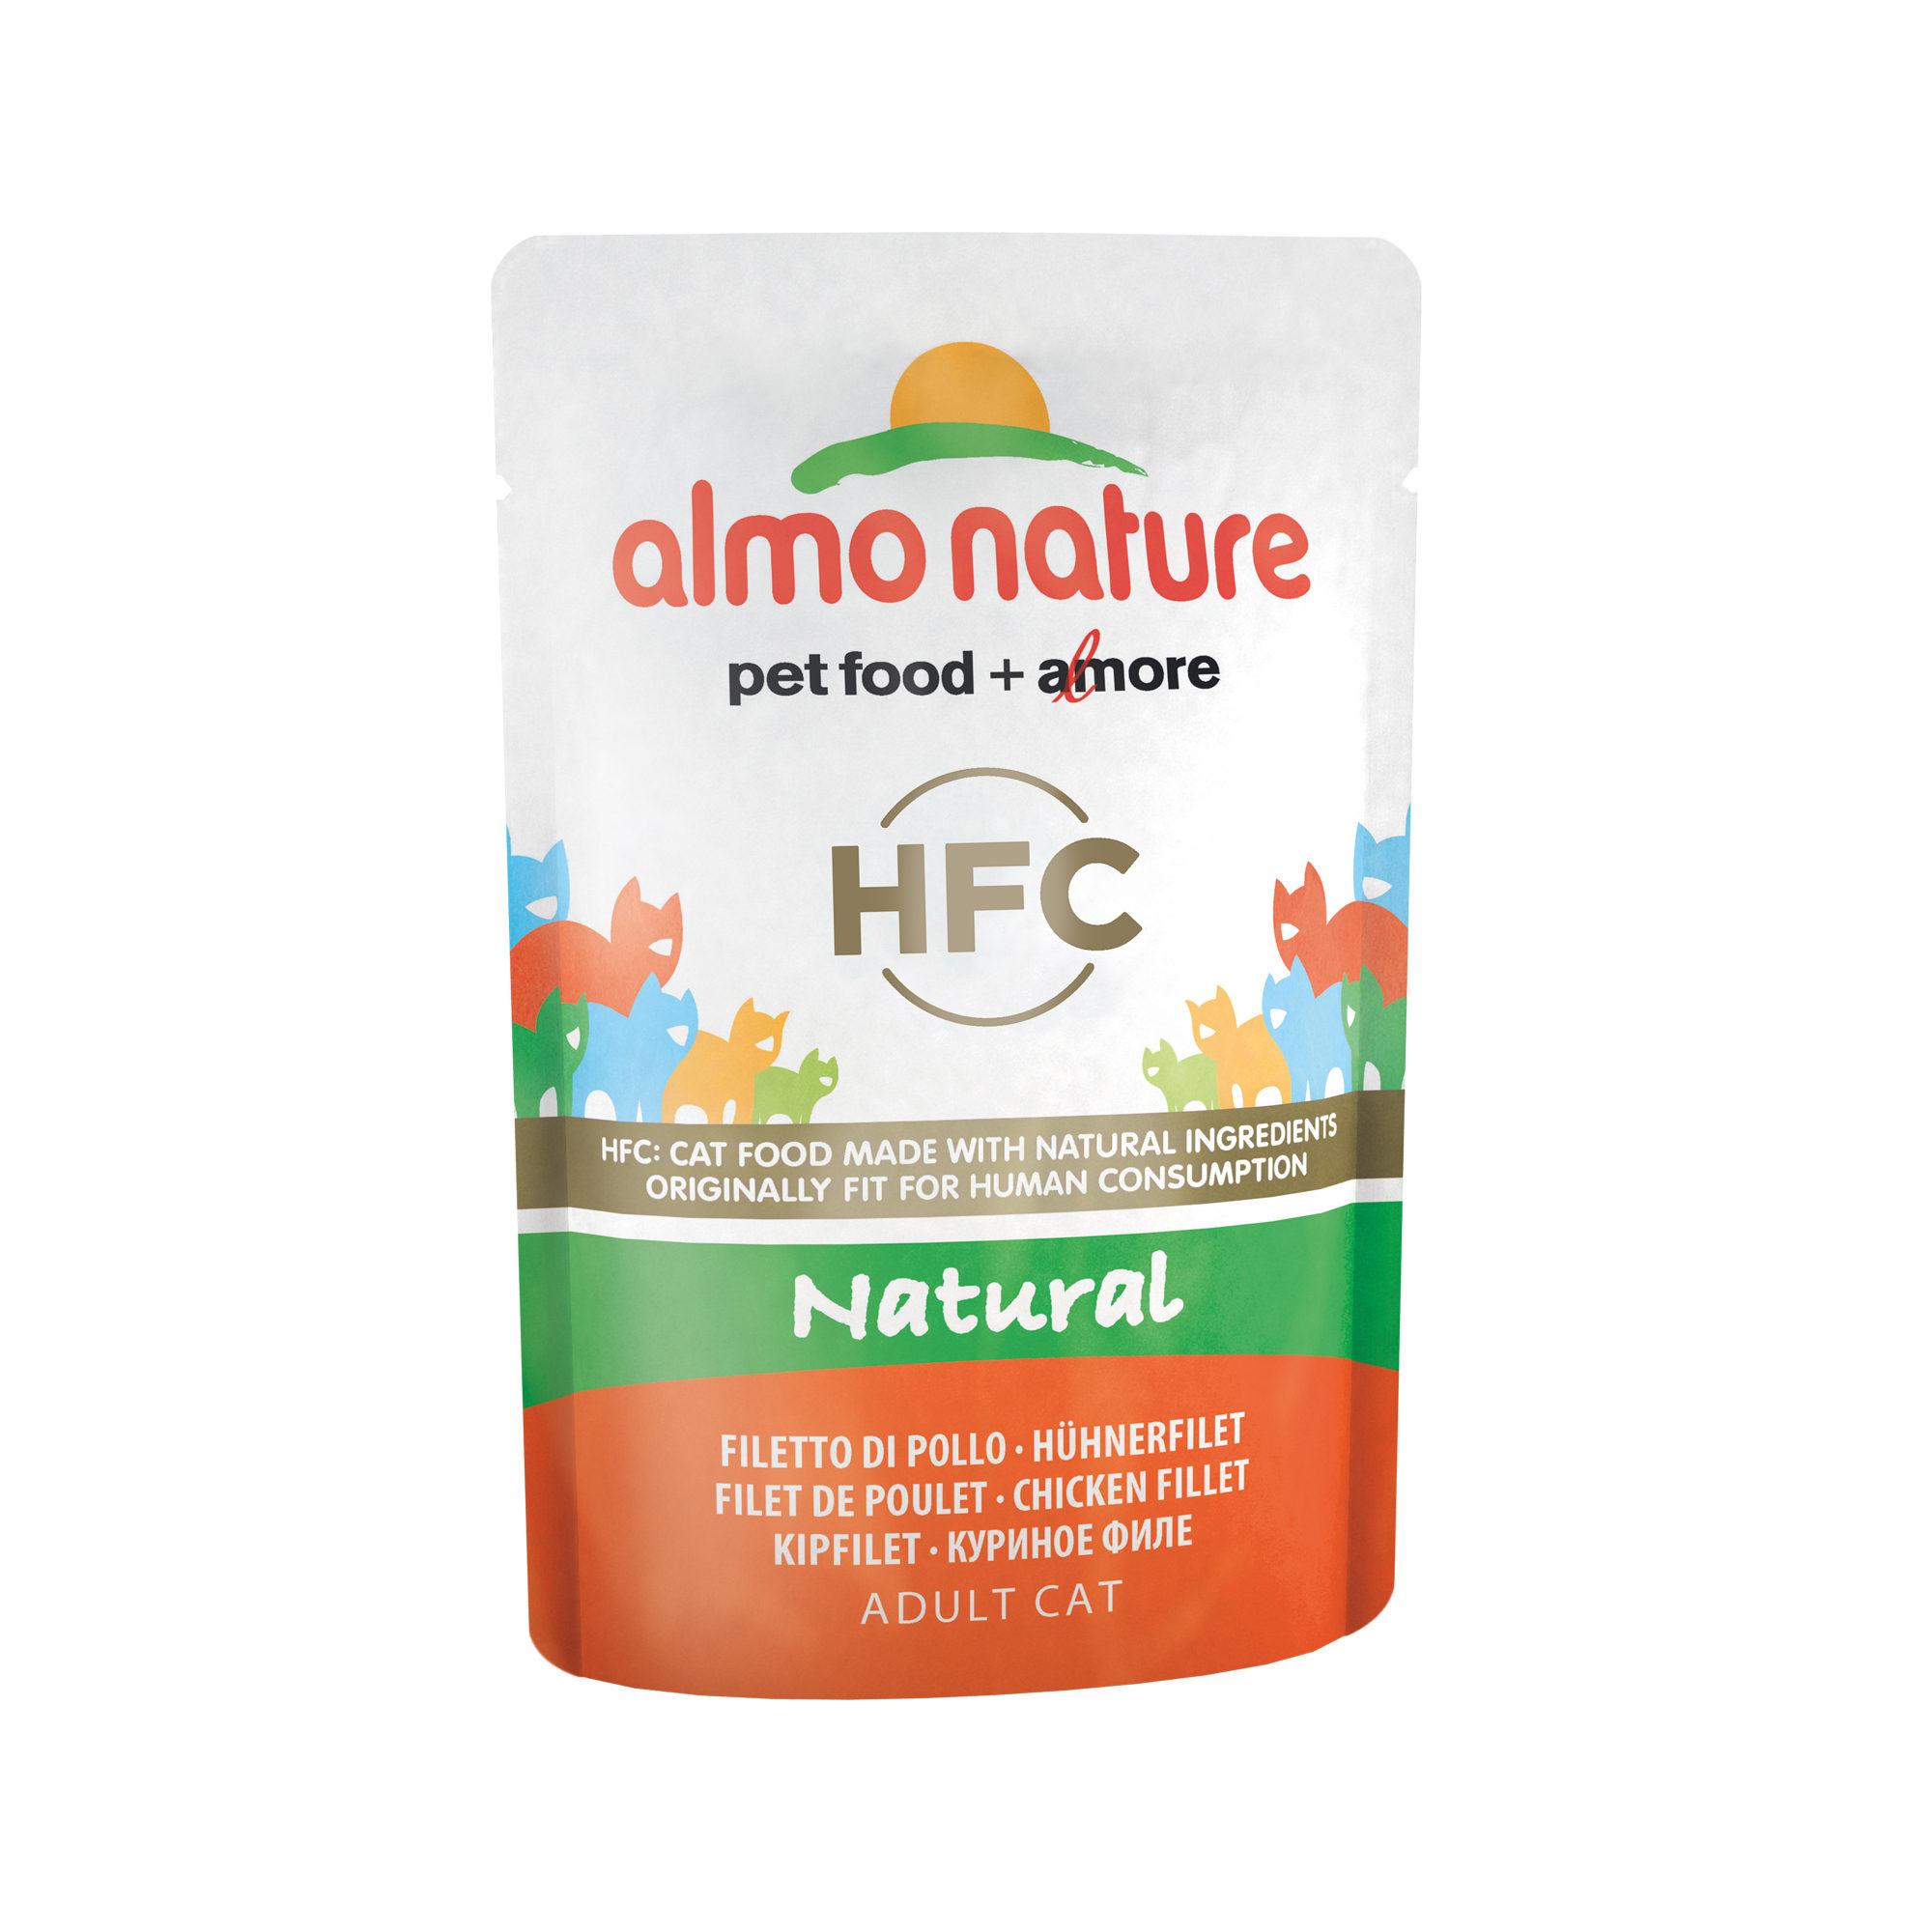 Almo Nature - HFC Natural - Blanc de Poulet - 24 x 55g